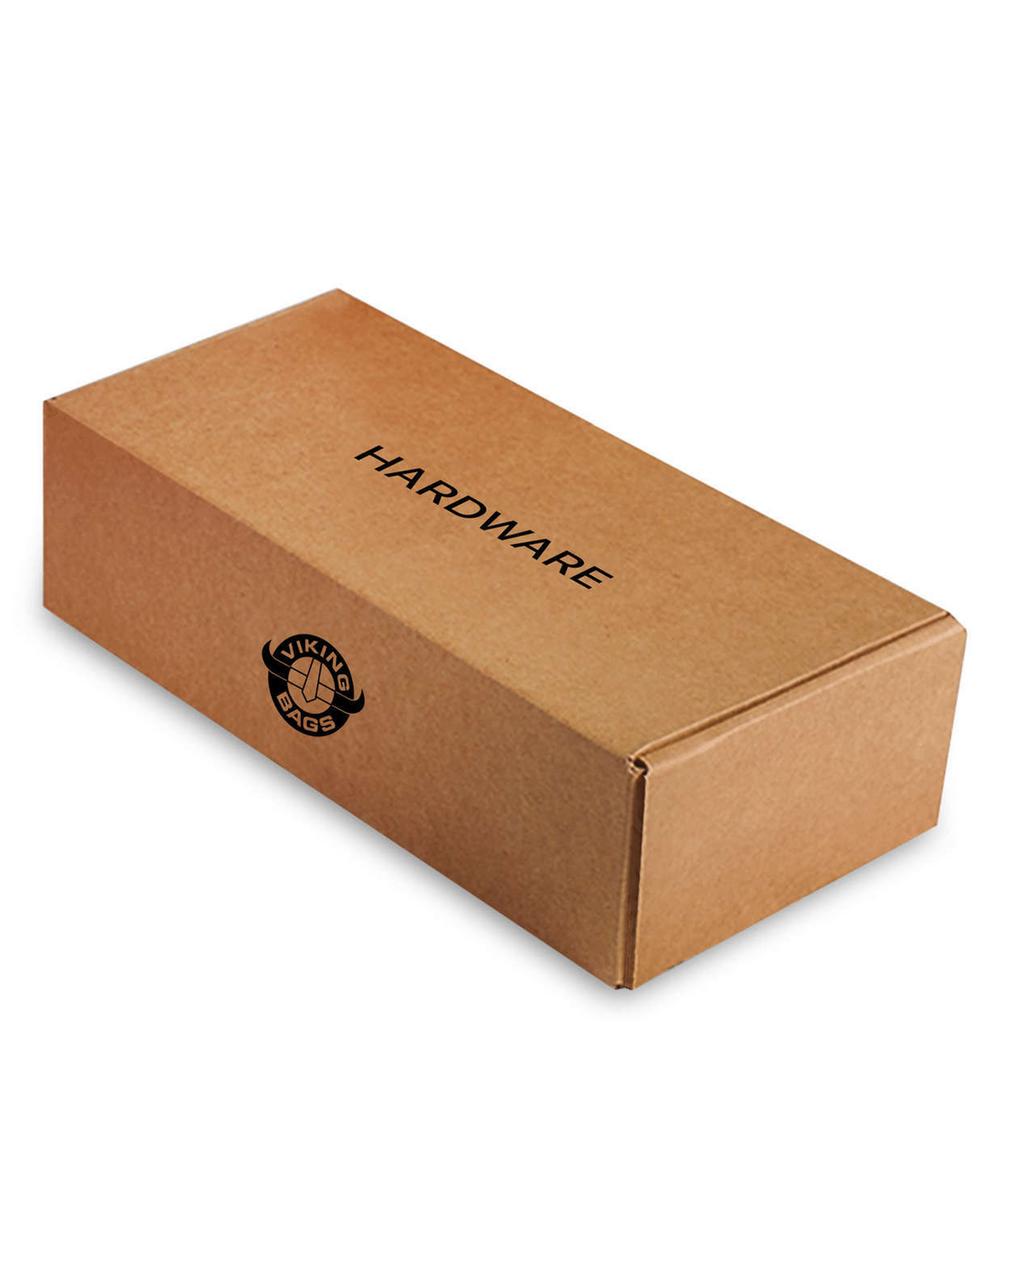 Yamaha V Star 950 Side Pocket Motorcycle Saddlebags Hardware Box